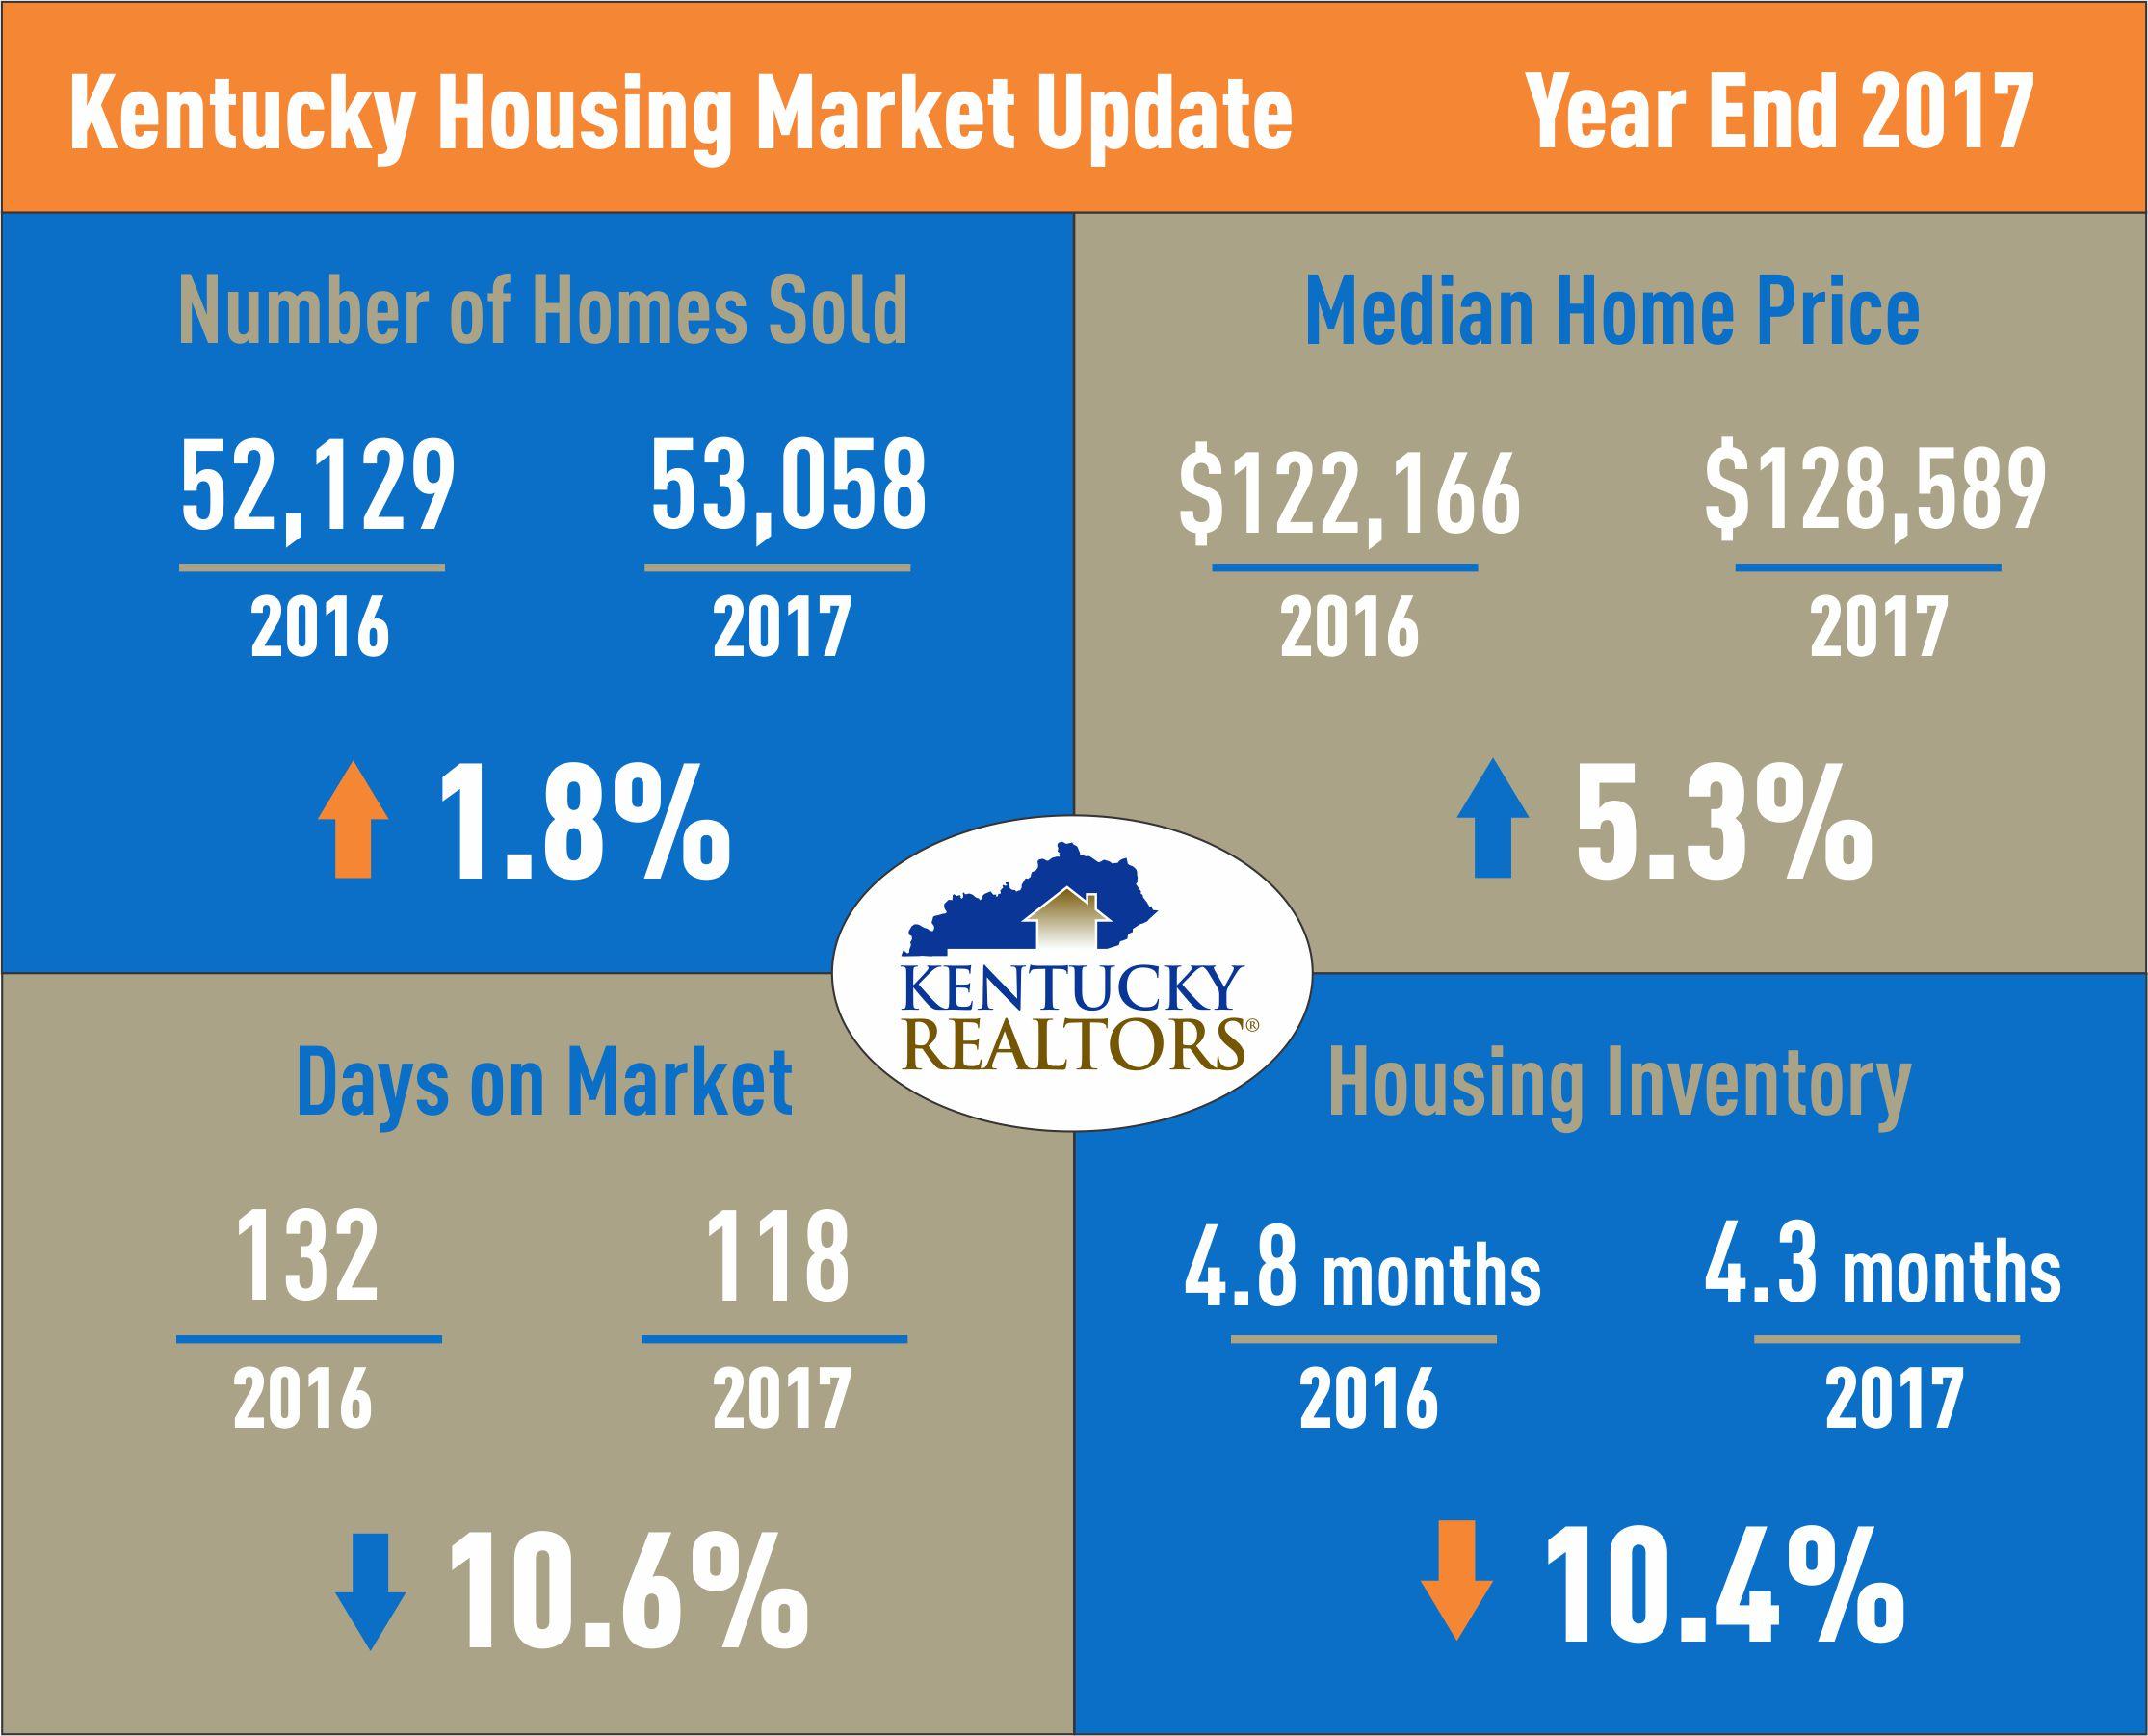 Kentucky Housing Market Update 2017